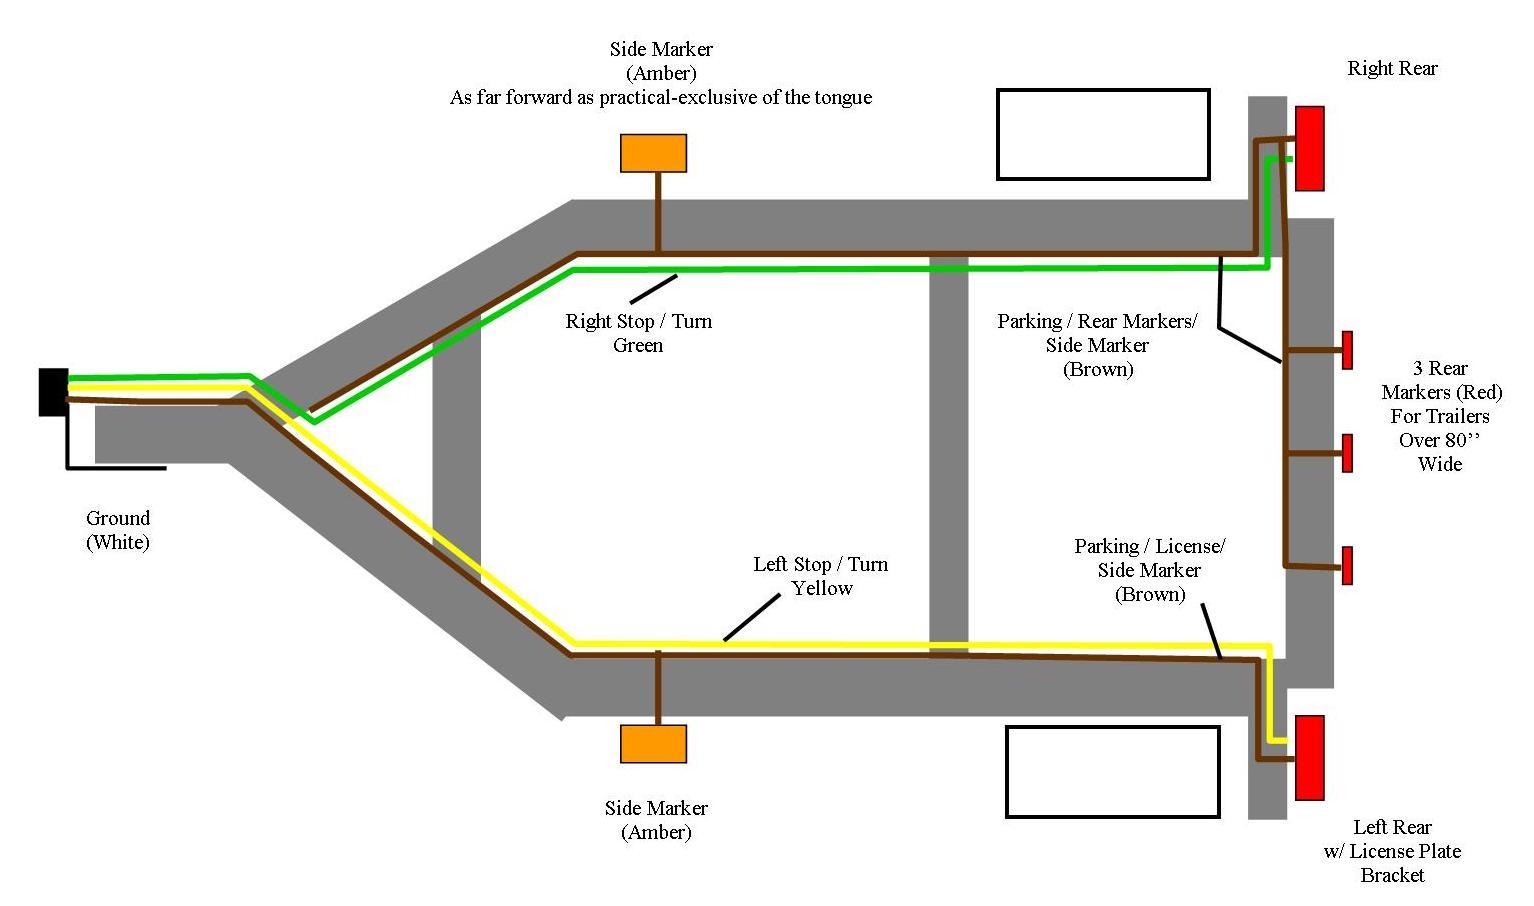 VW Tail Light Wiring Diagram